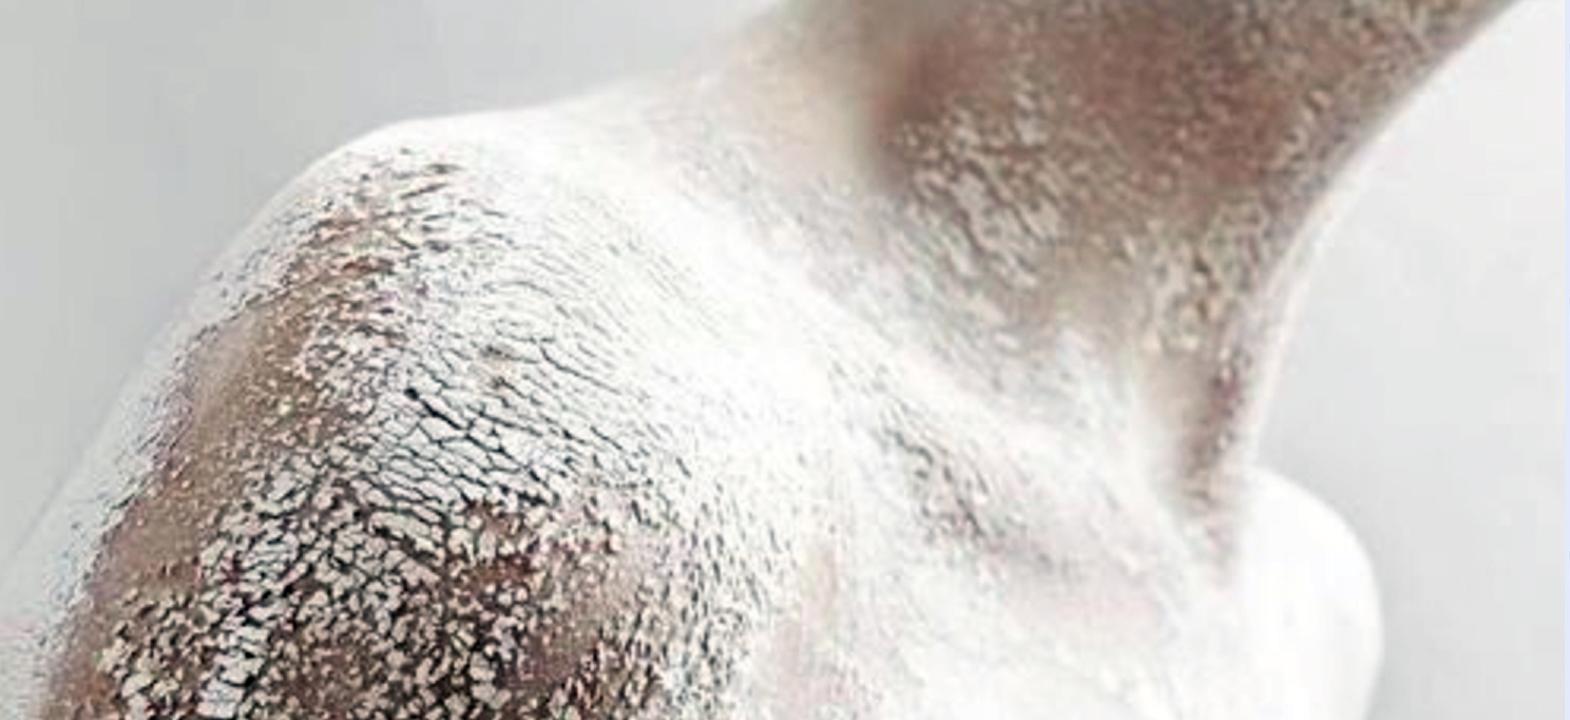 uitgedroogde huid